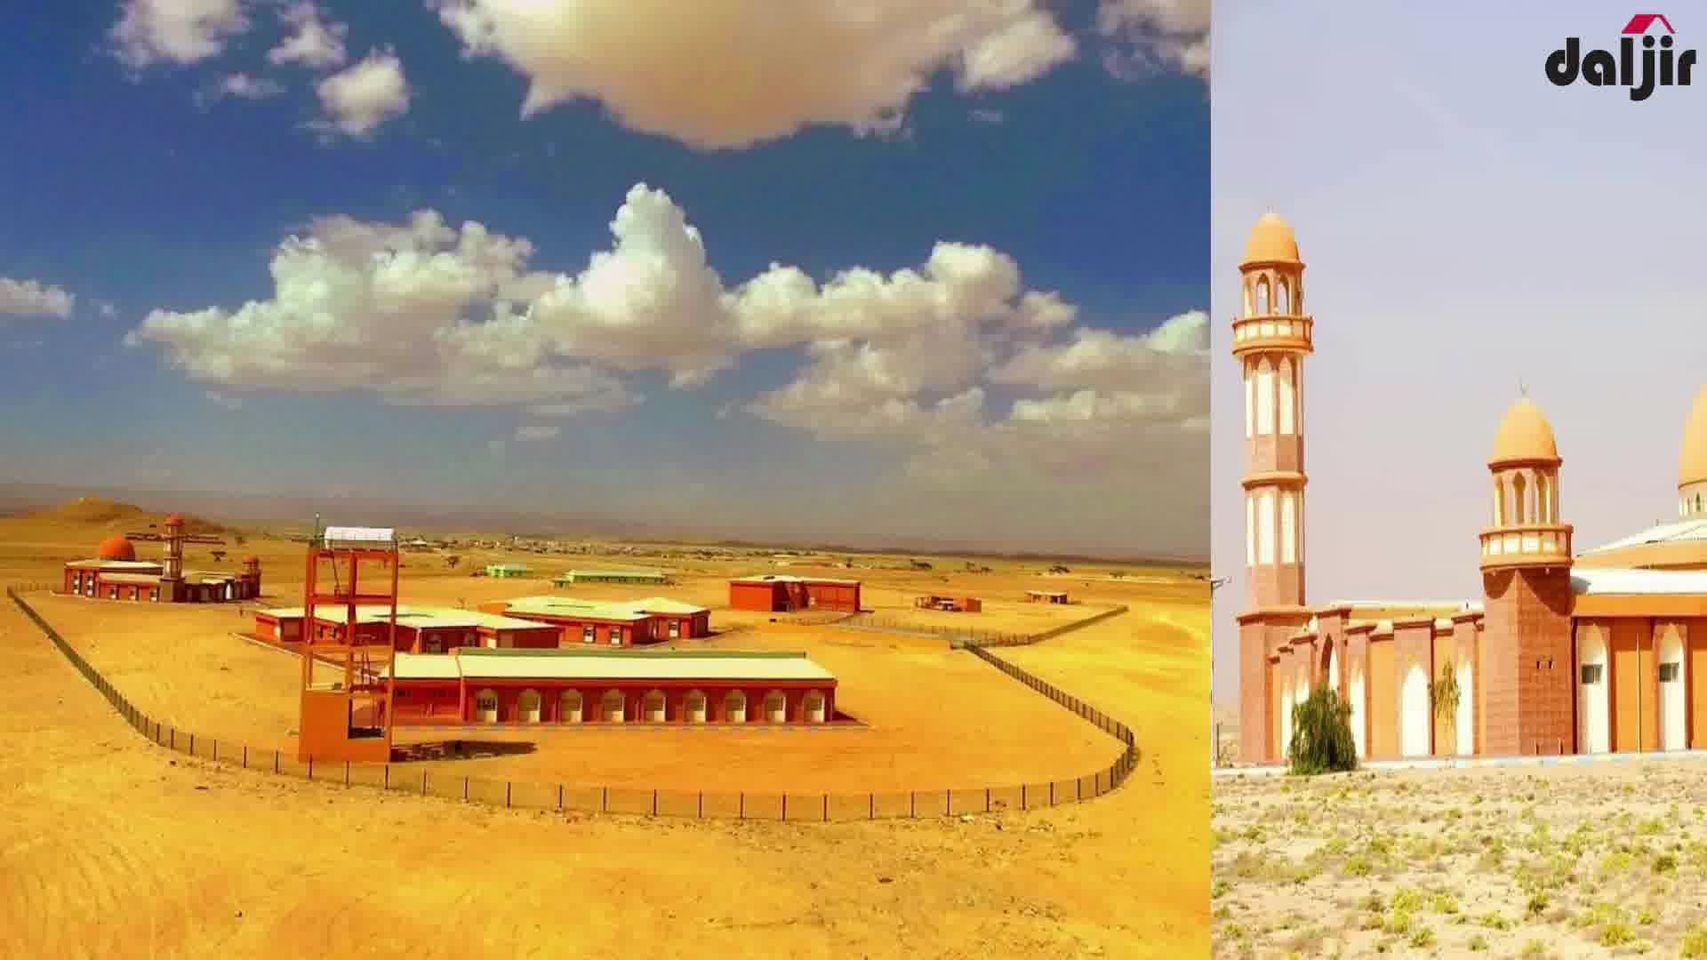 OGAYSIIS OGAYSIIS OGAYSIIS: Jaamacada Umadda Faraceeda Badhan